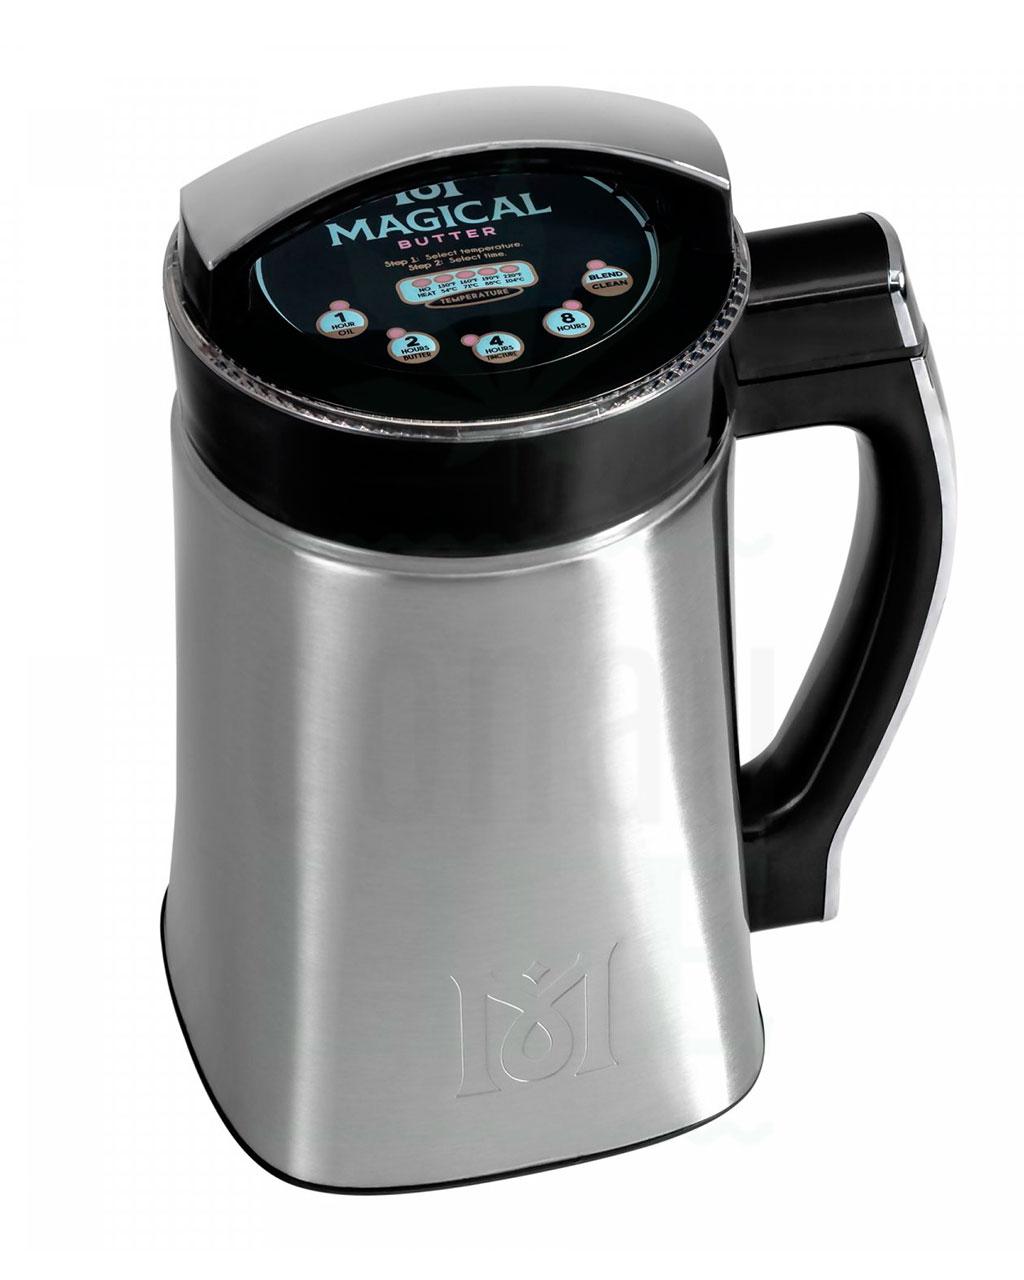 Beliebte Marken MagicalButter MB2e | Kräuter-Extraktor